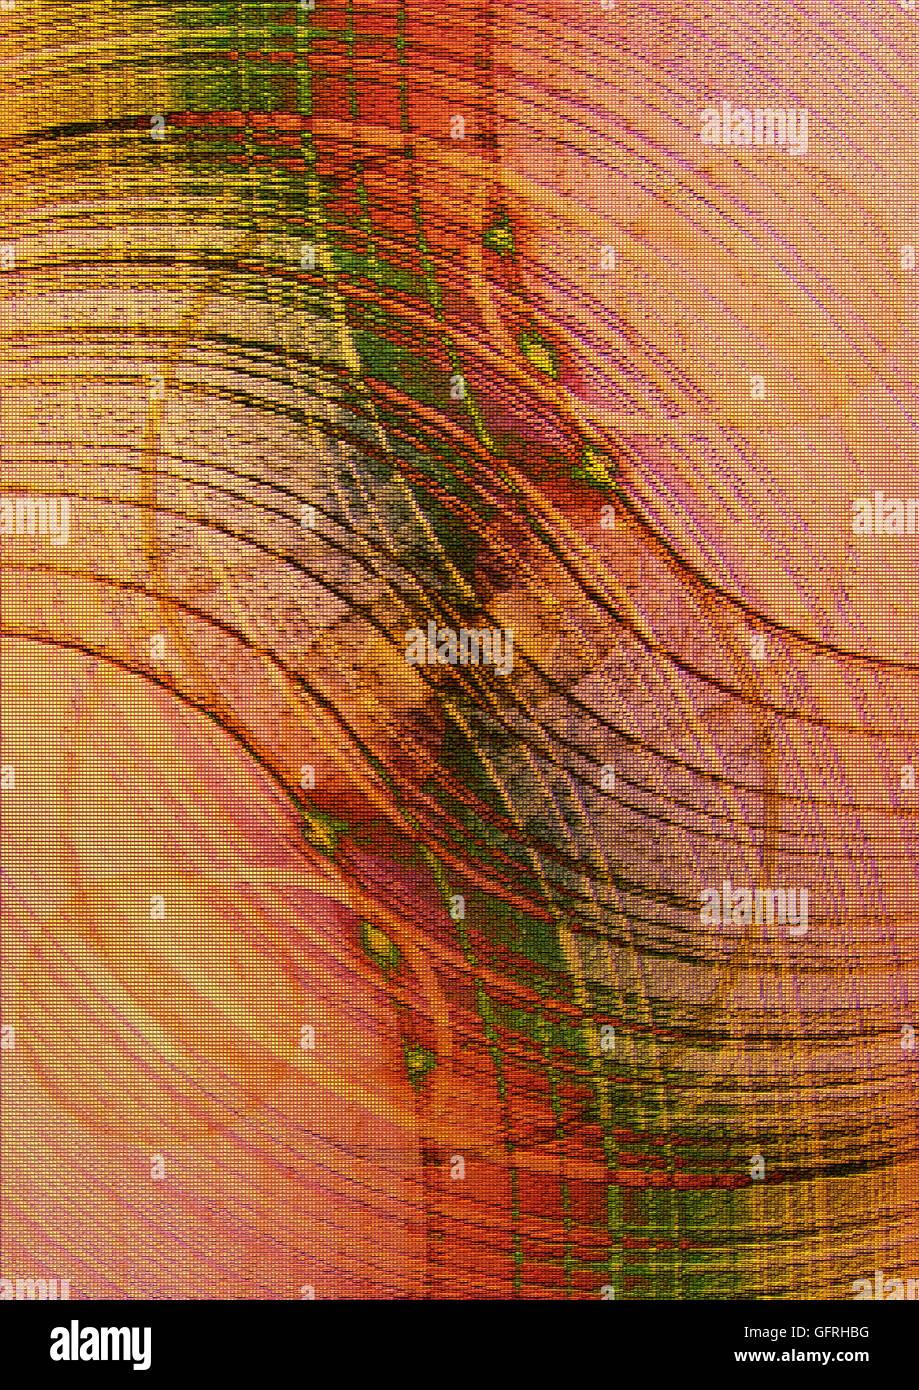 Arrière-plan en mosaïque dans les tons orange avec des arcs et des ravinements vert cercles couverts Photo Stock